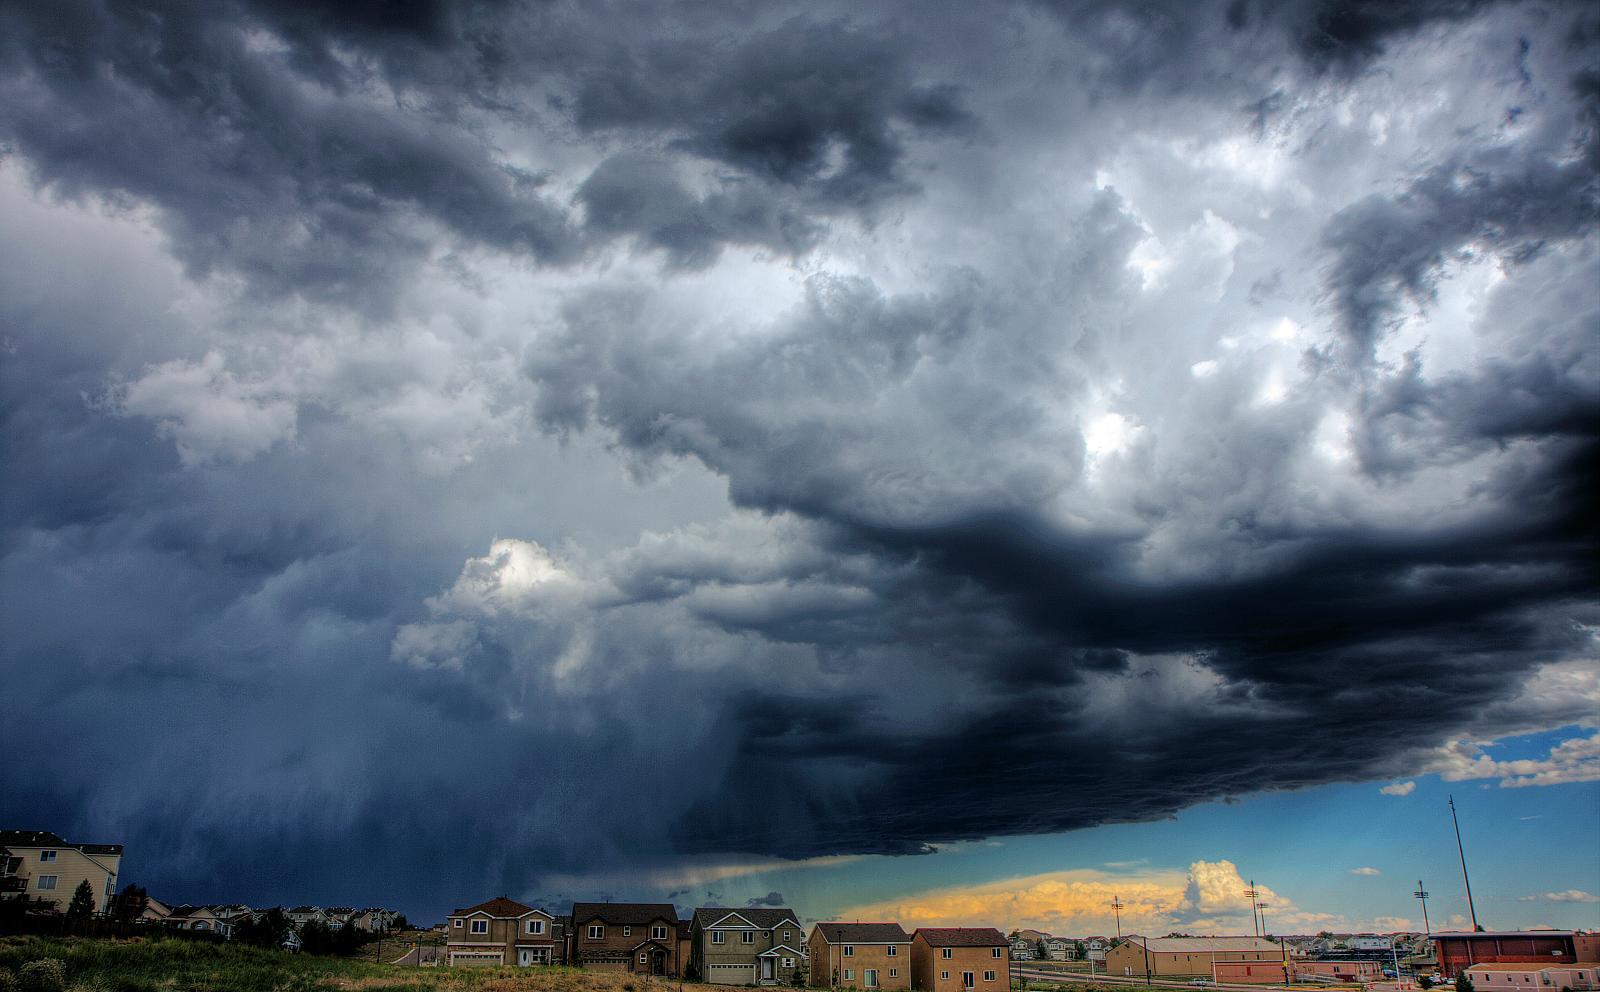 Rain Storm Colorado Springs Colorado. Flickr - David.